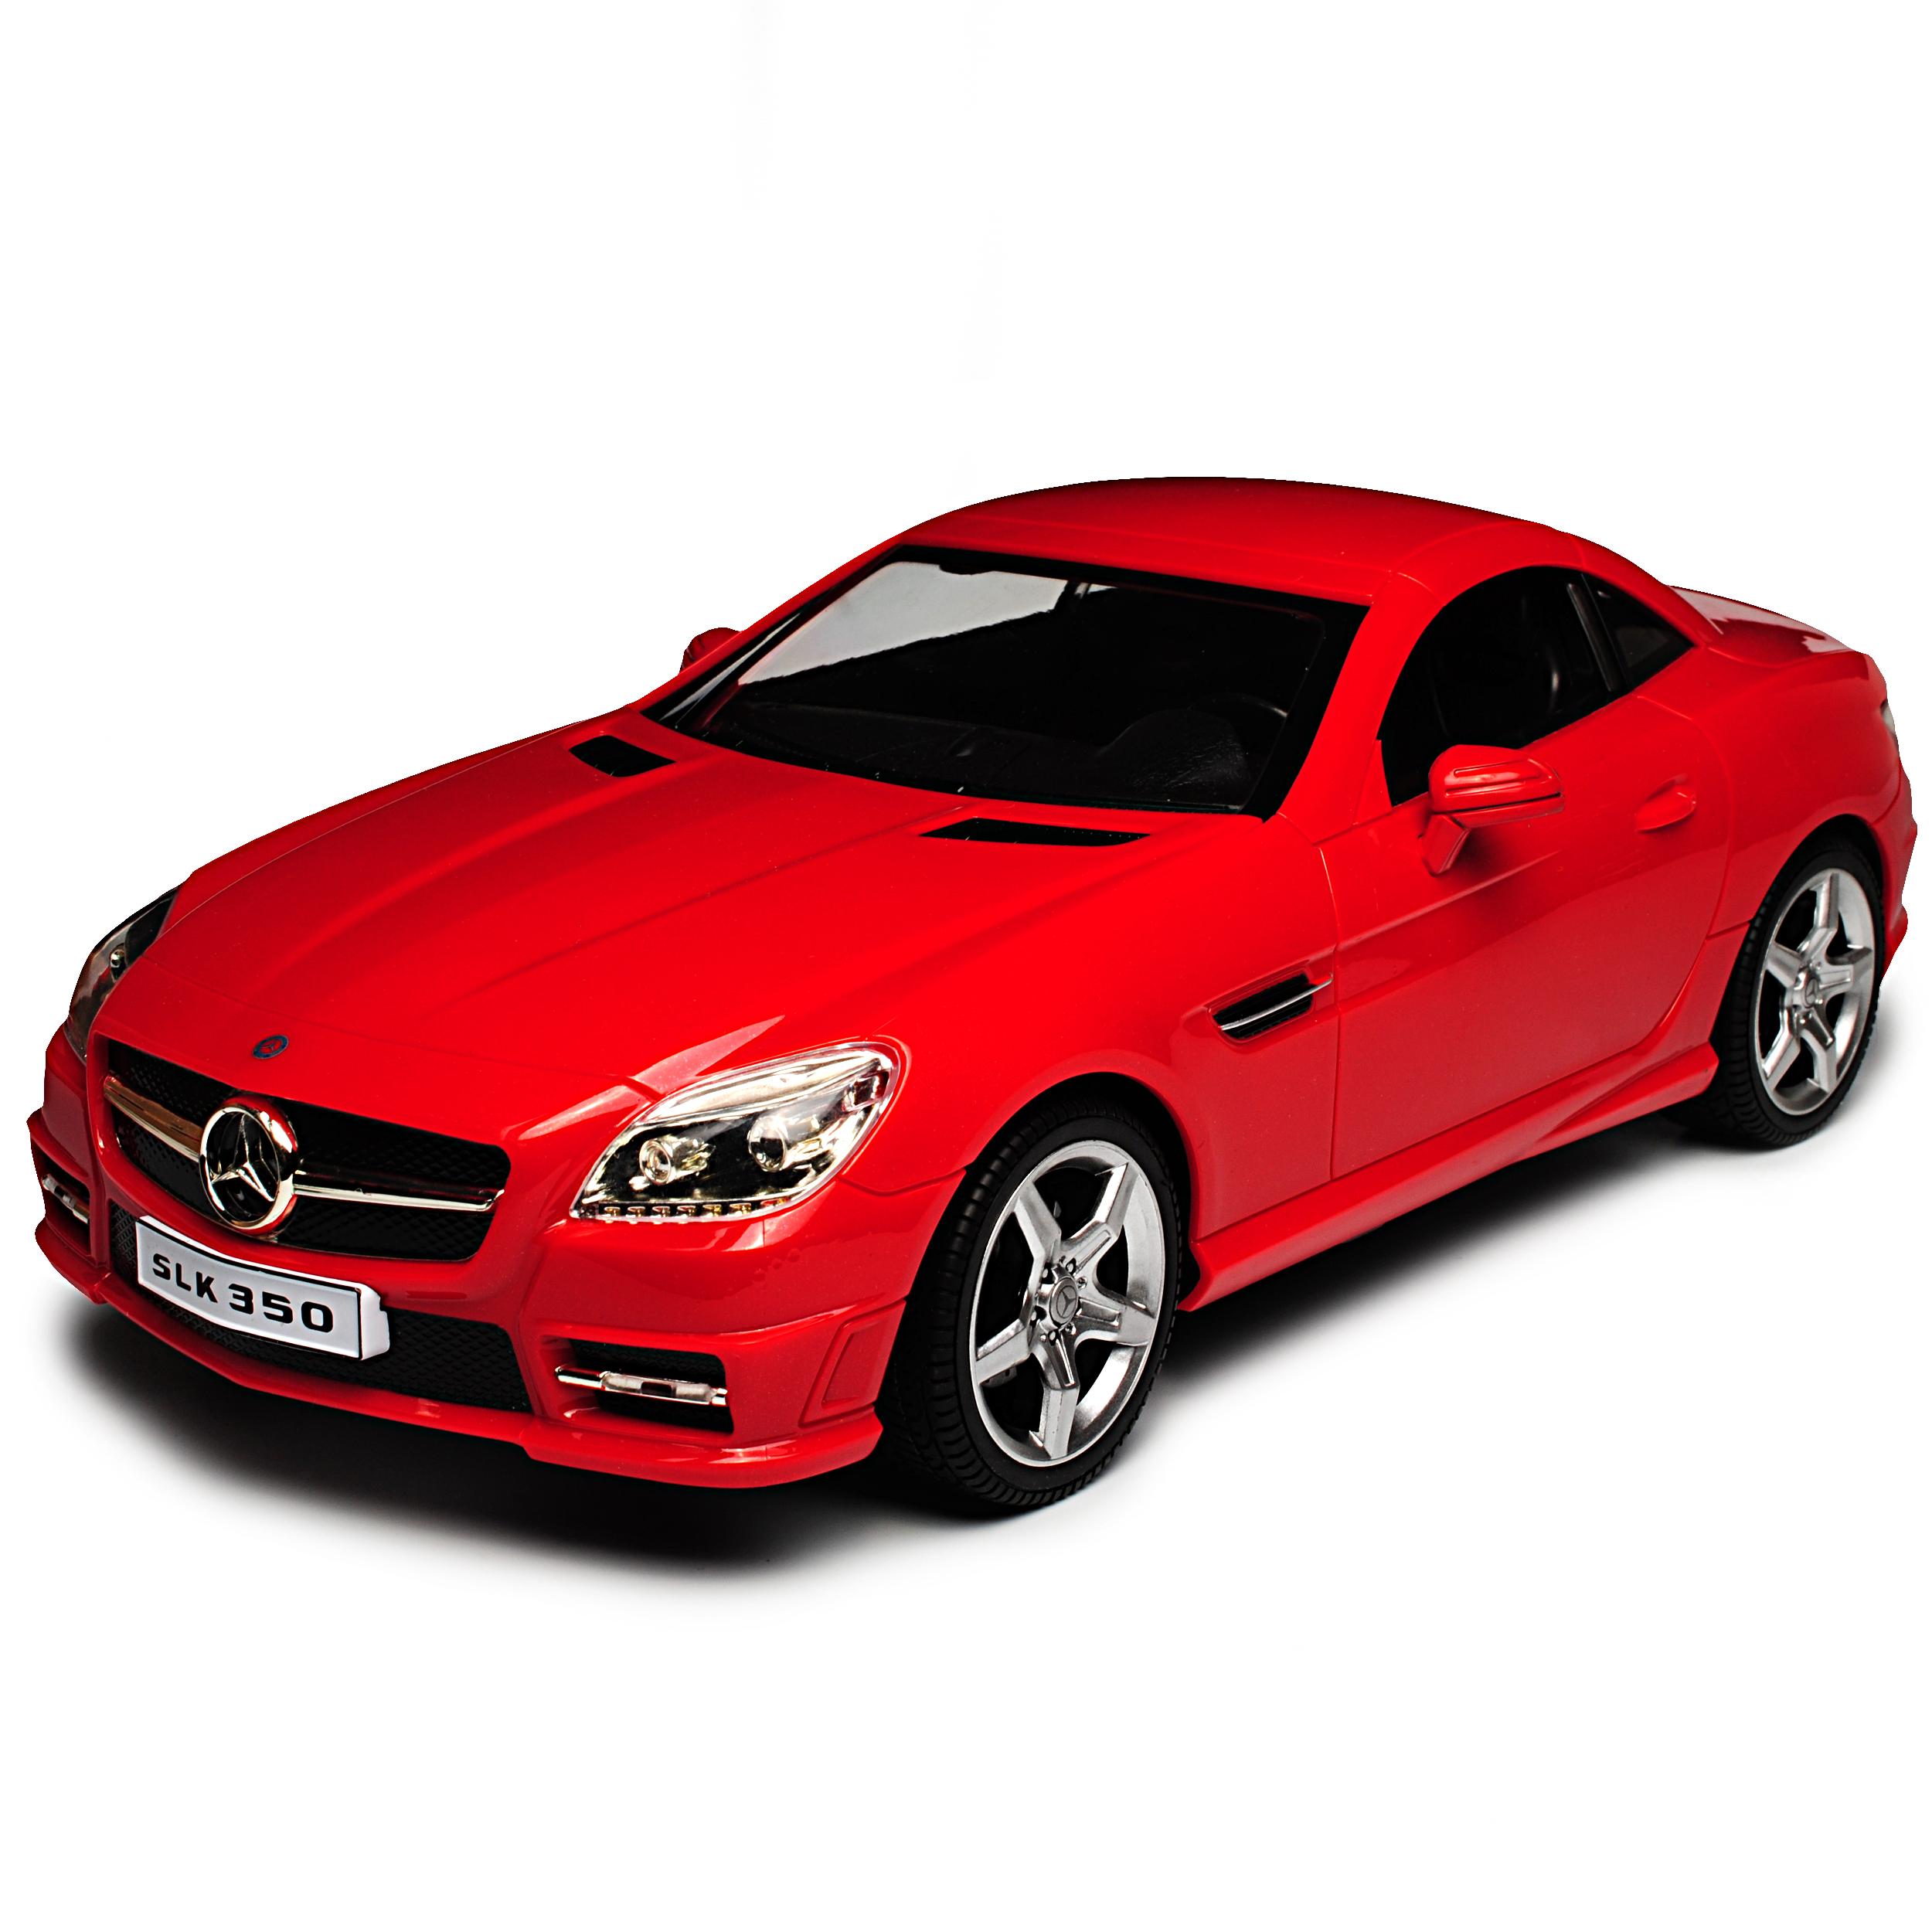 MERCEDES-BENZ SLK COUPE rosso a partire dal 2011-Set completo con Radio batteria-RC Radio con Auto-con... 5dd810